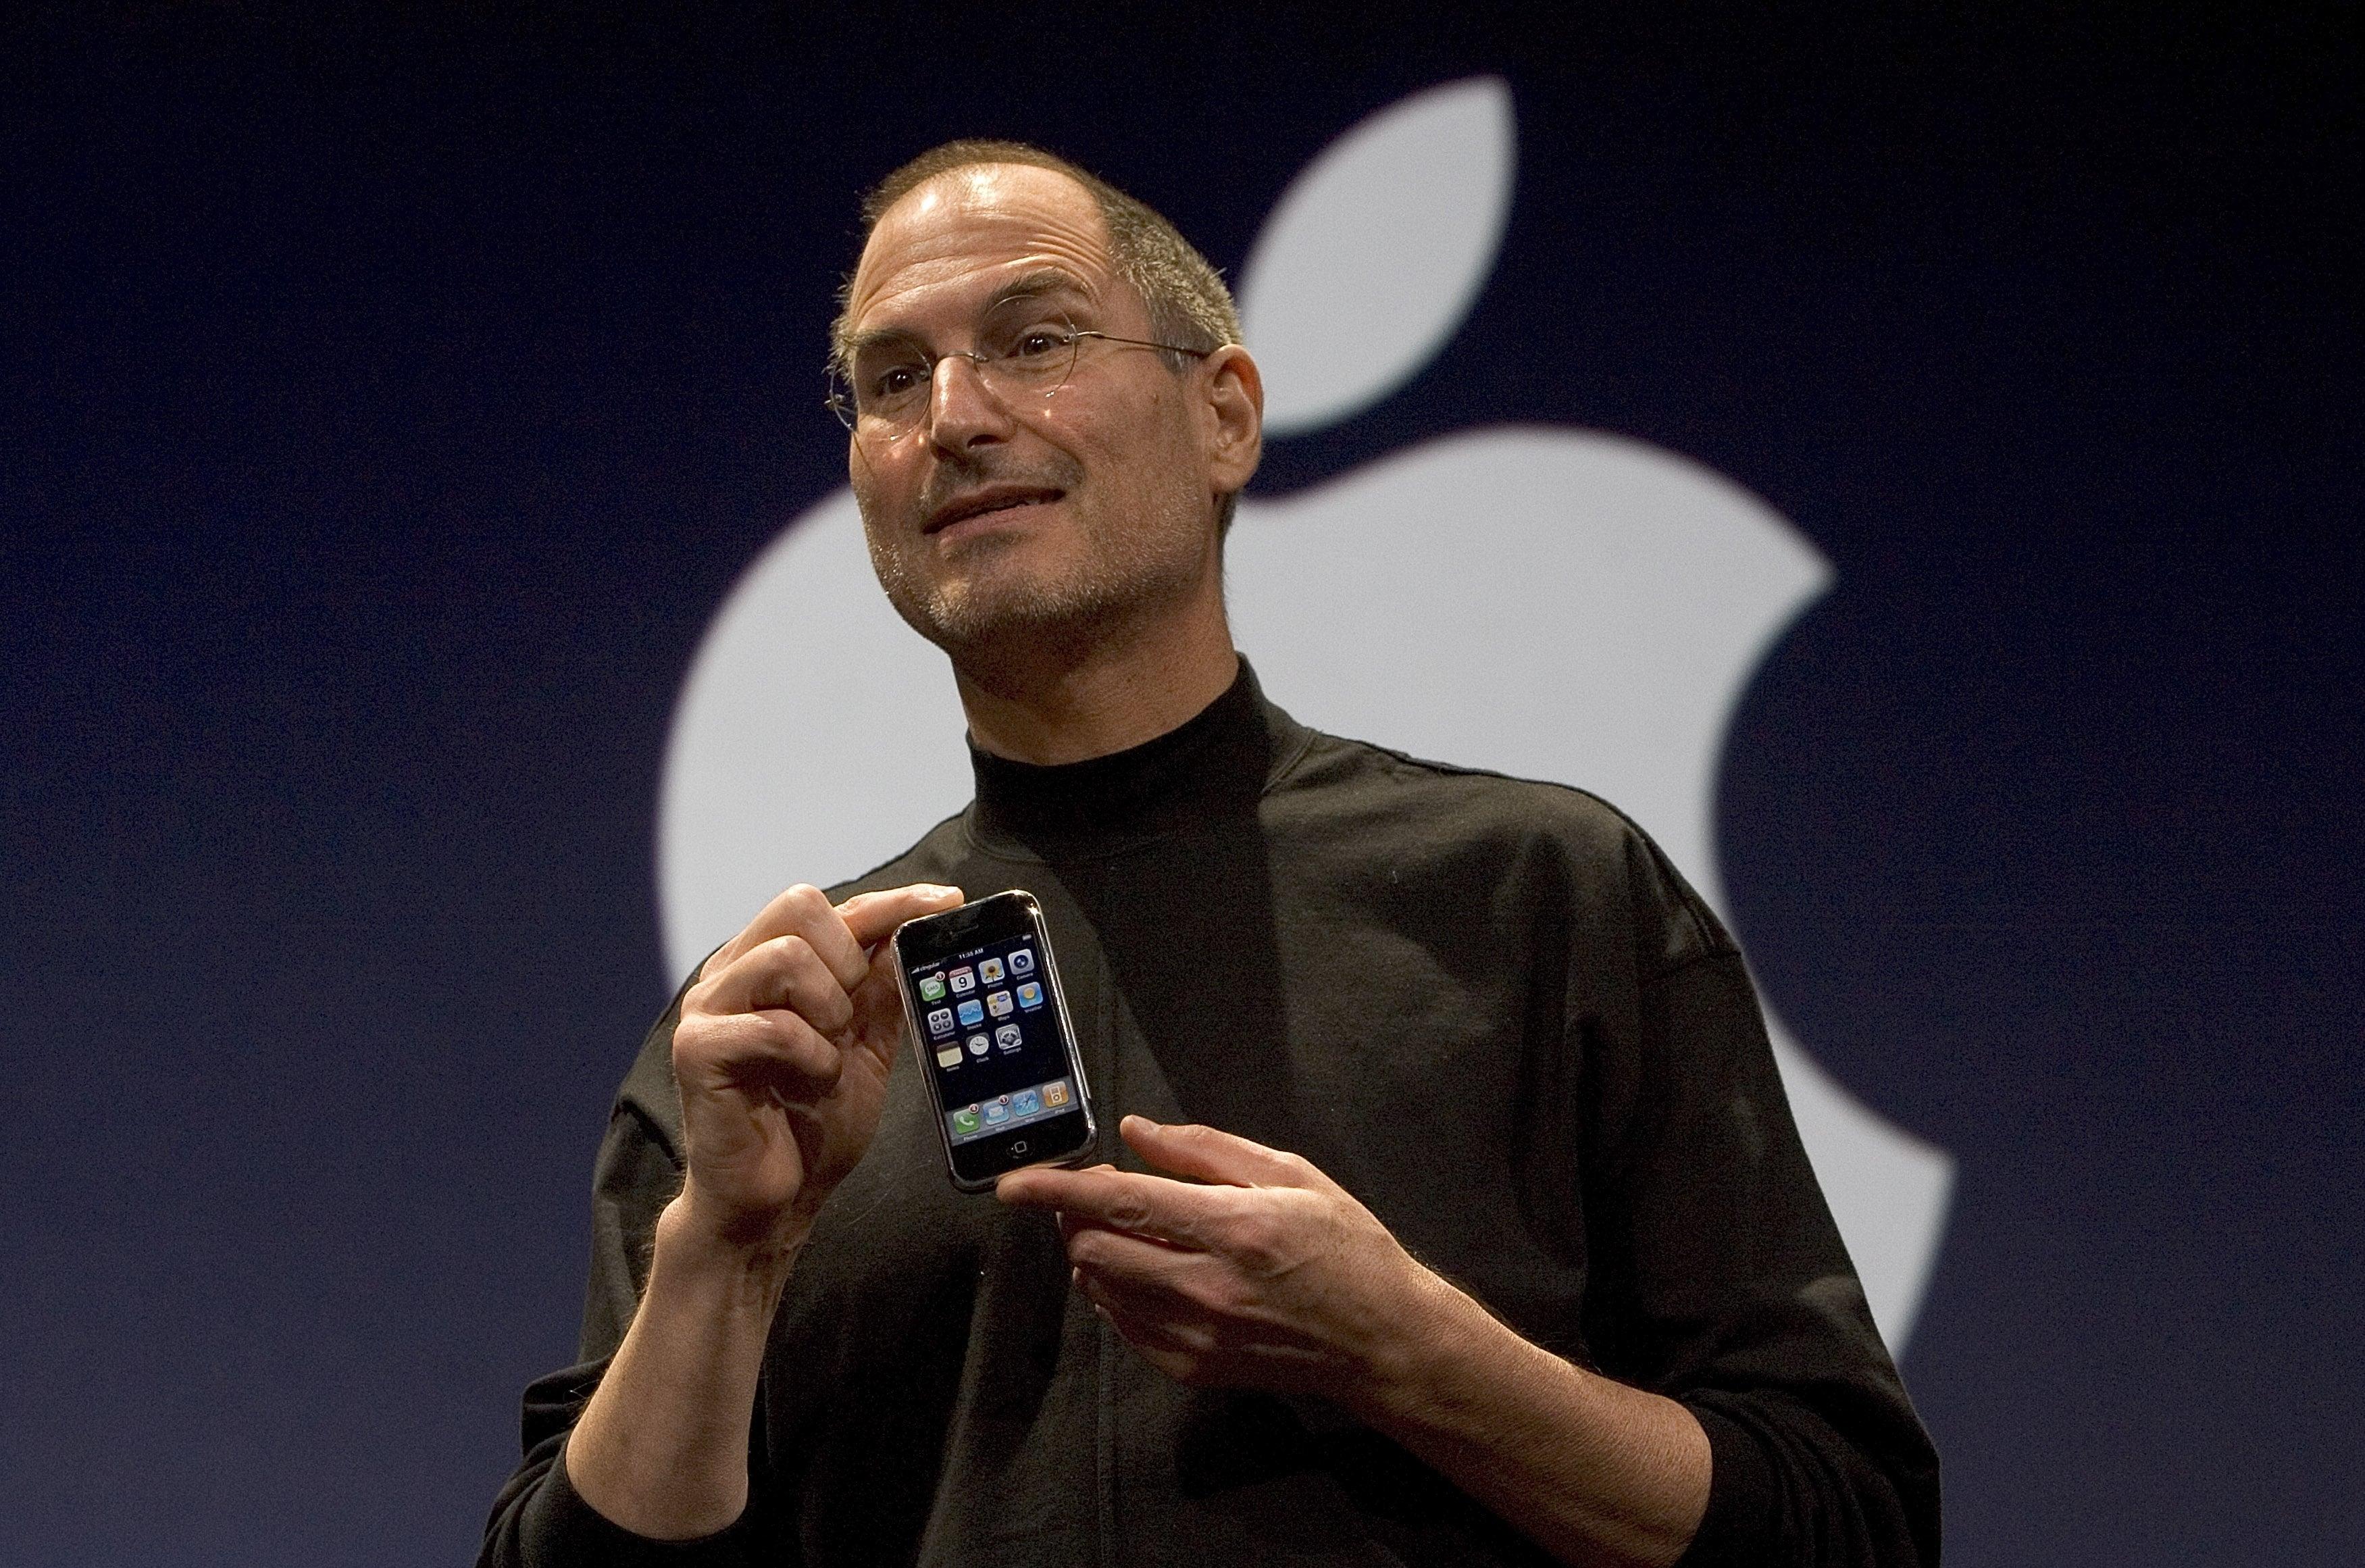 Бизнес и инновации - Эпоха Apple подходит к концу?